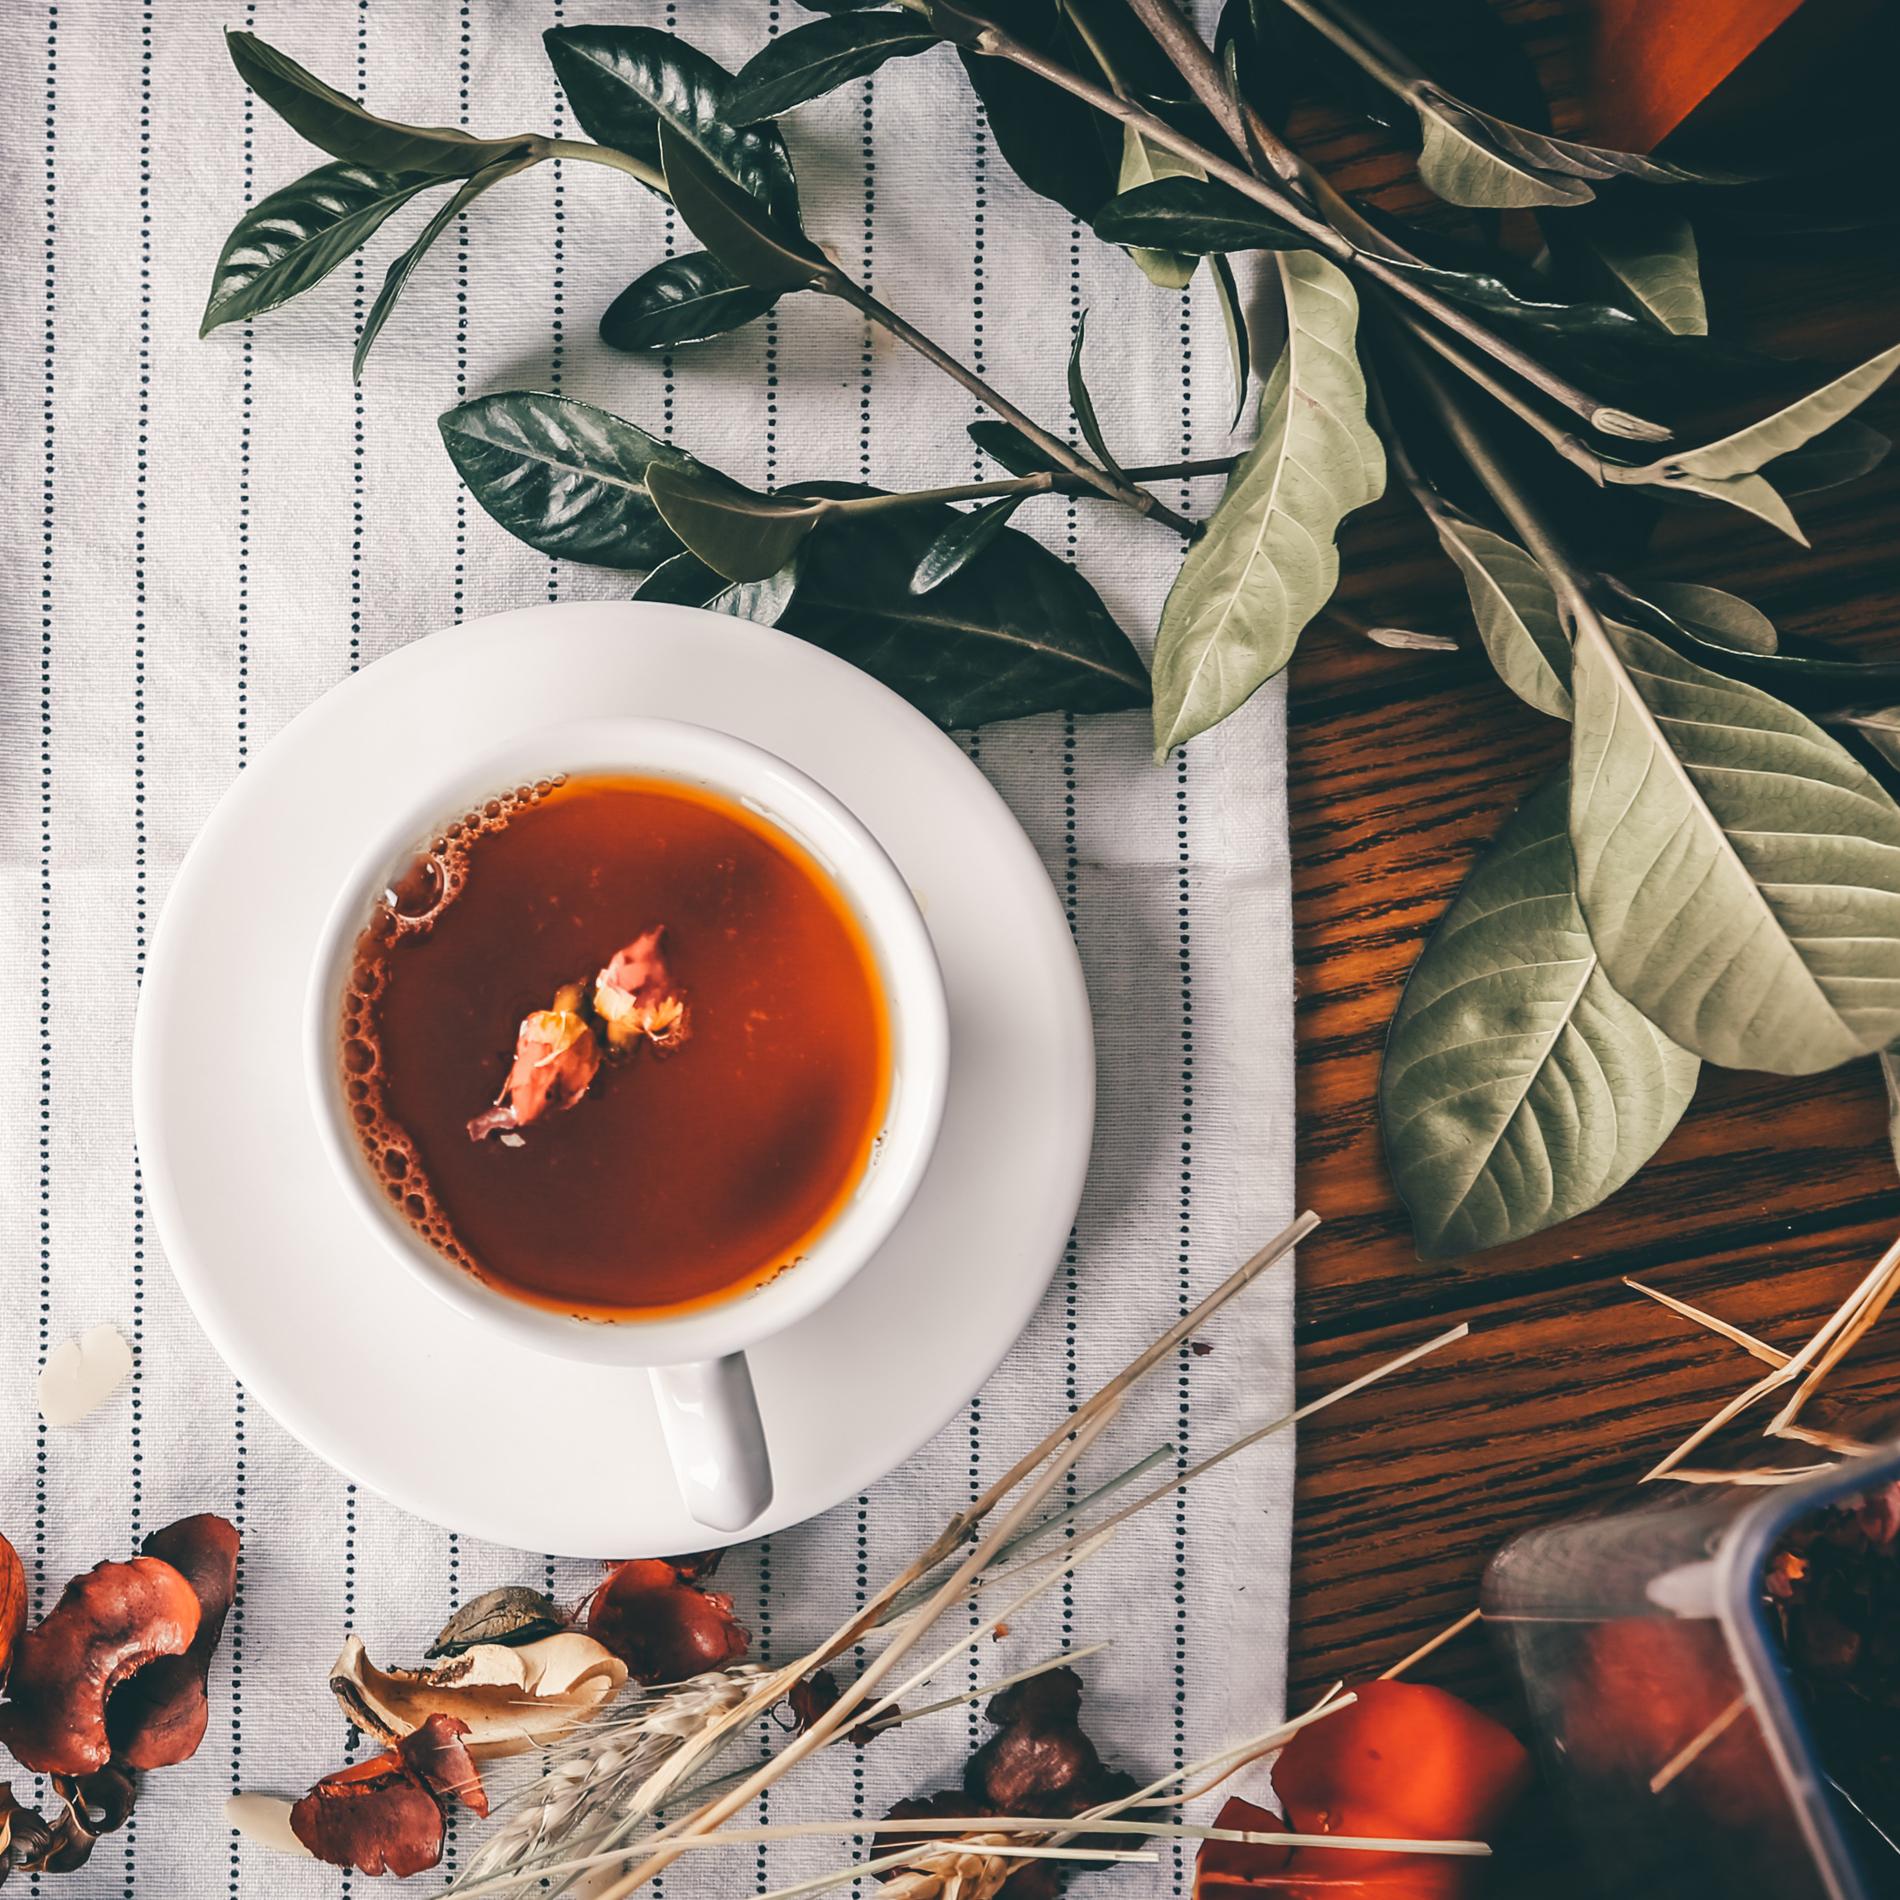 Detox Tees, die ihr ausprobieren solltet, Detox Tee, Detox, Entschlacken, gesunde Lebensweise, Wellness, Self Care, Gesundheit